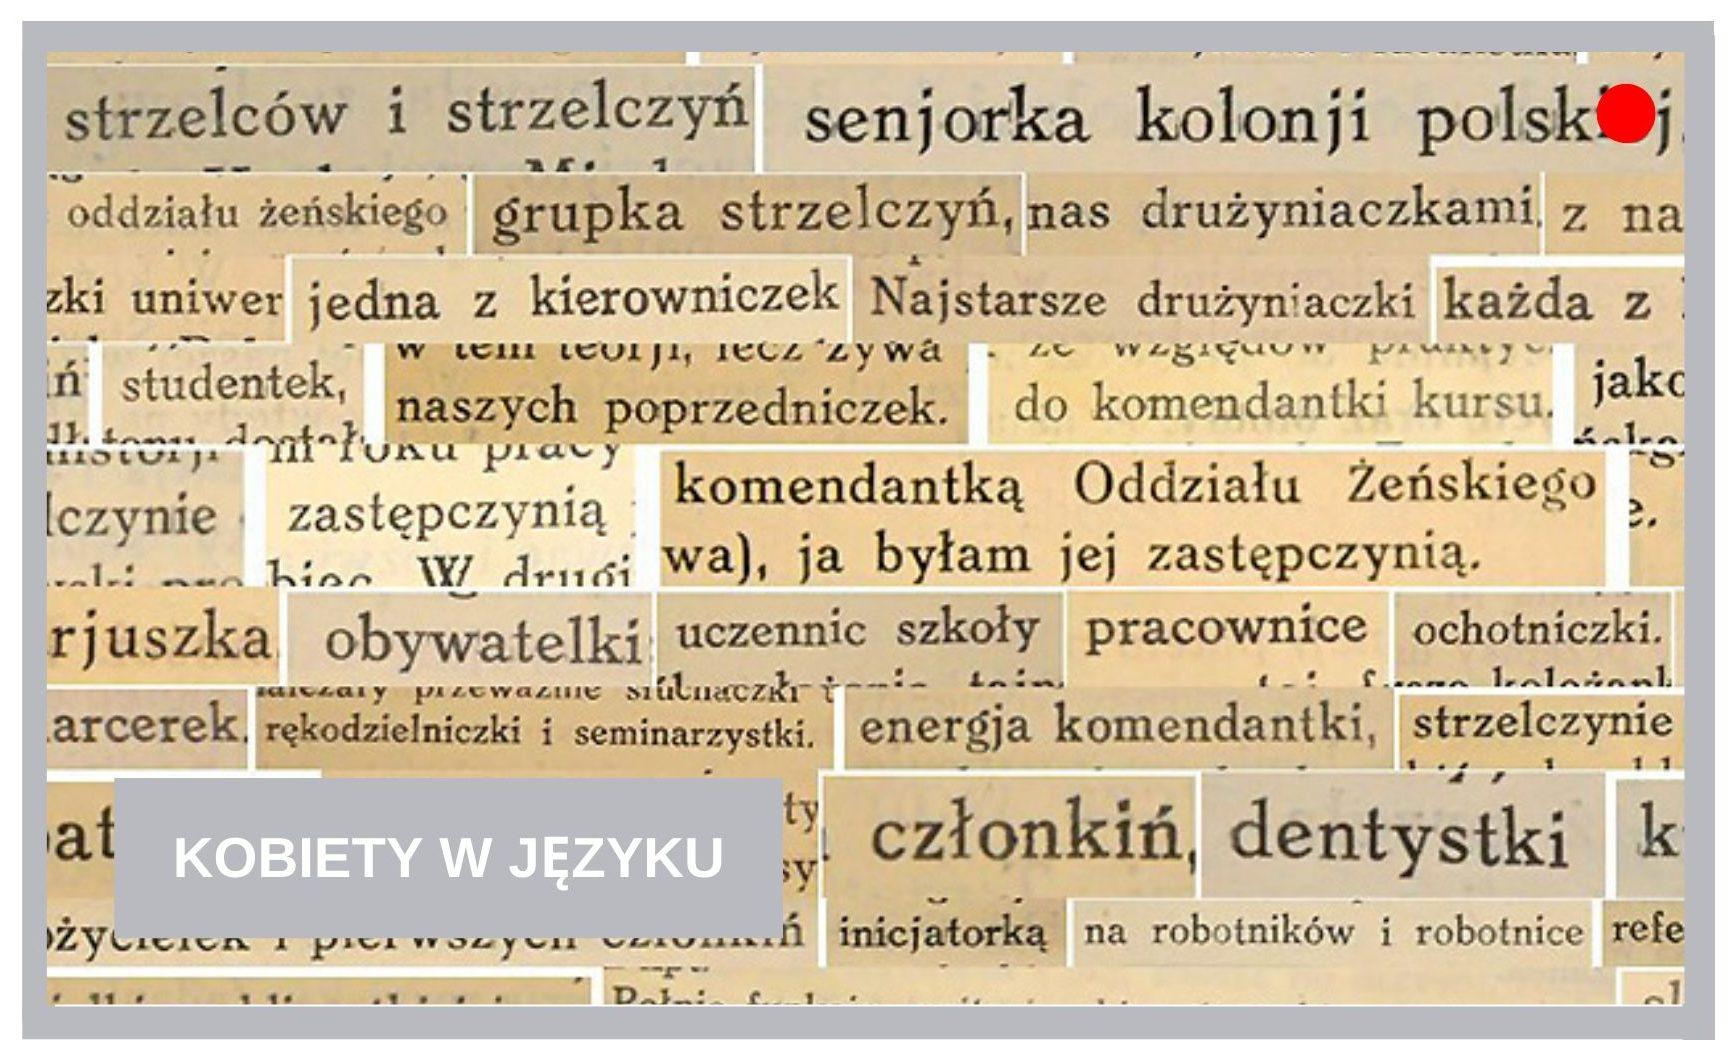 Blog Agnieszka Jasińska - Kobiety w języku